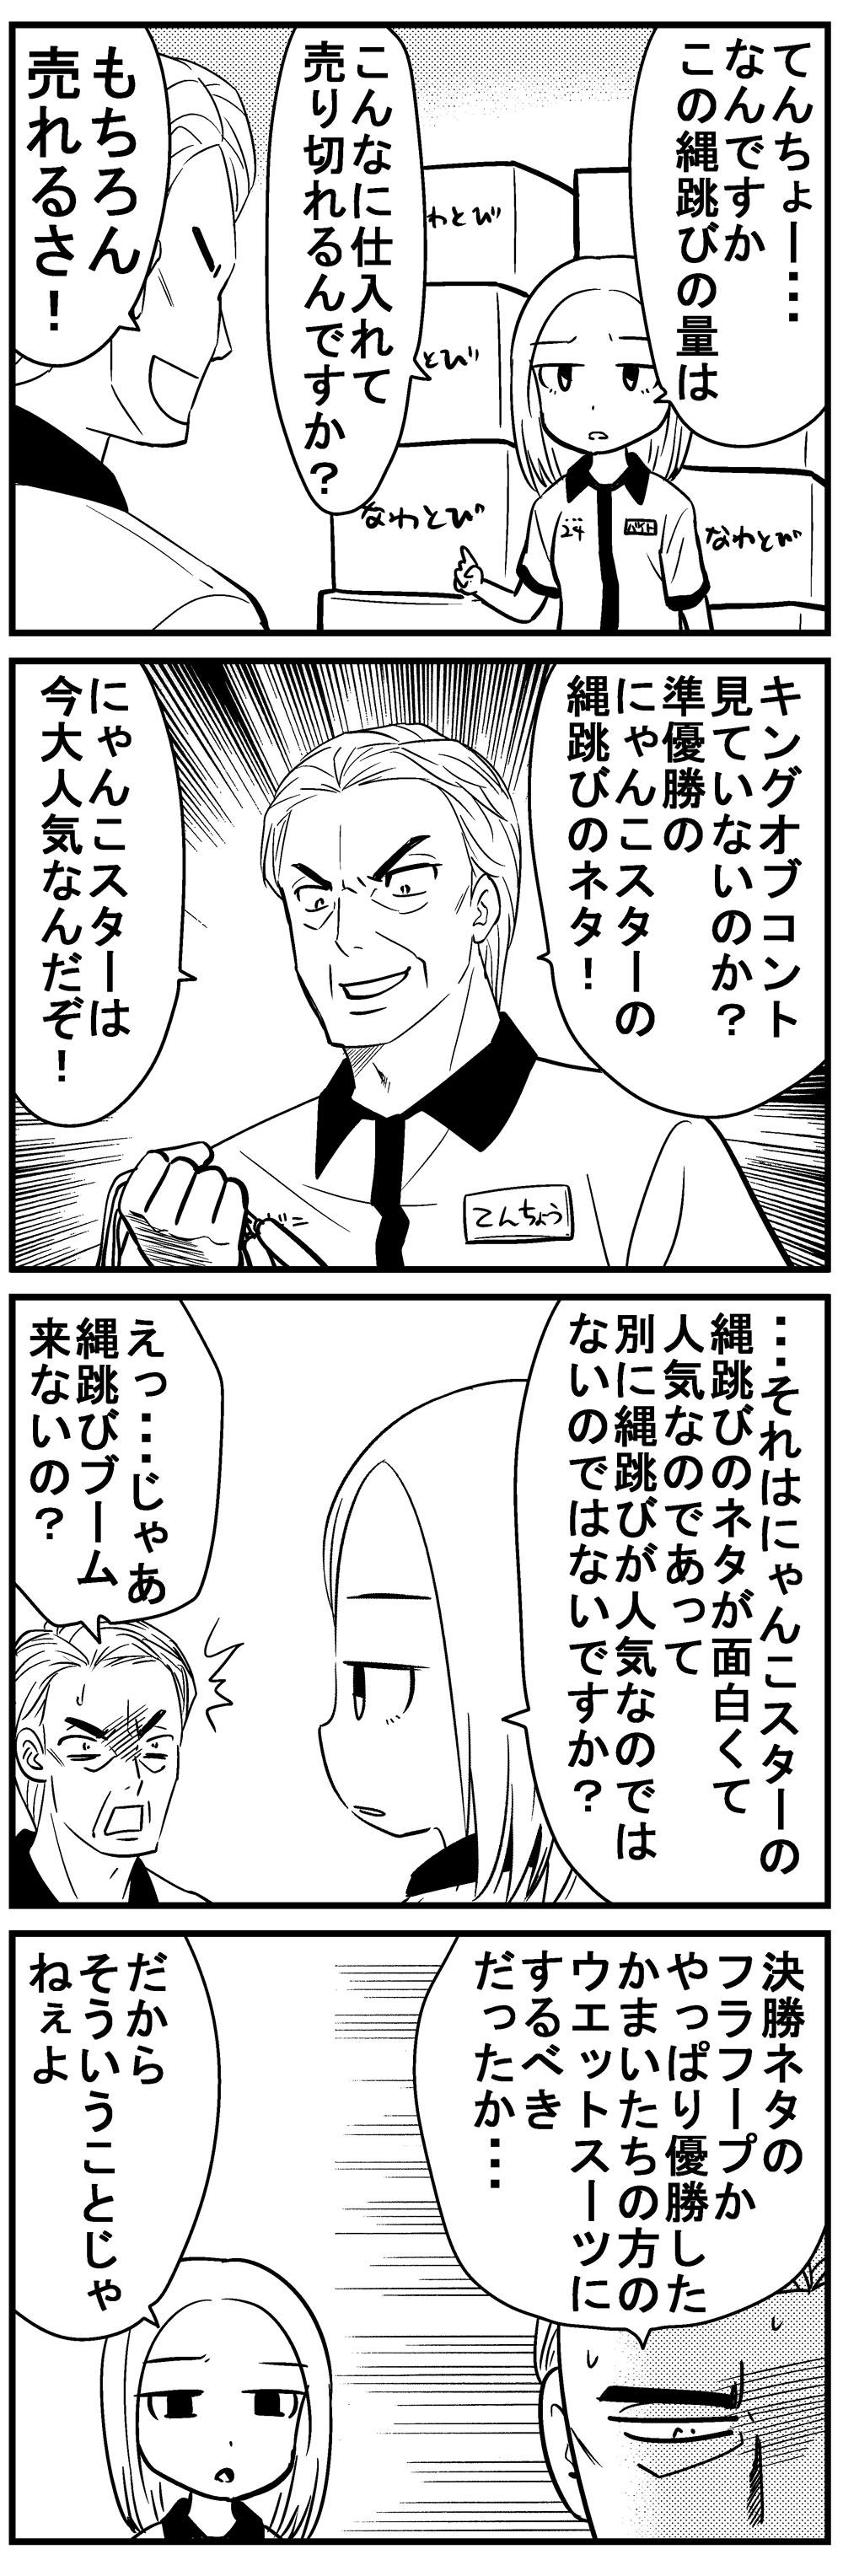 今日のてんちょー10,2